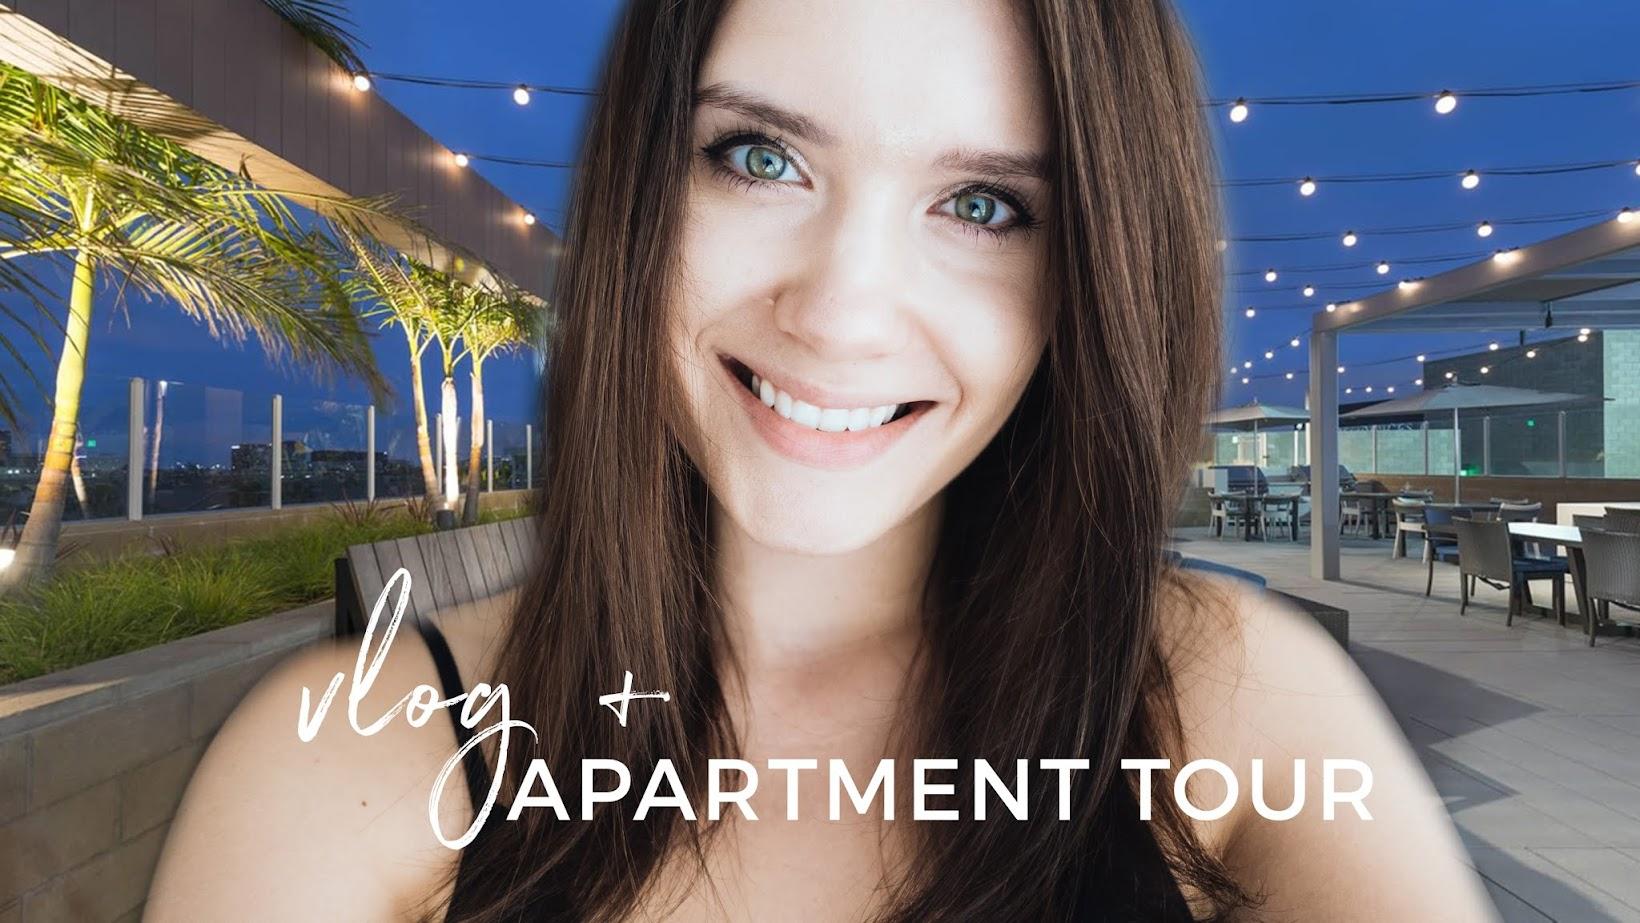 Vlog + Apartment Tour   Przeprowadzamy się do Los Angeles!